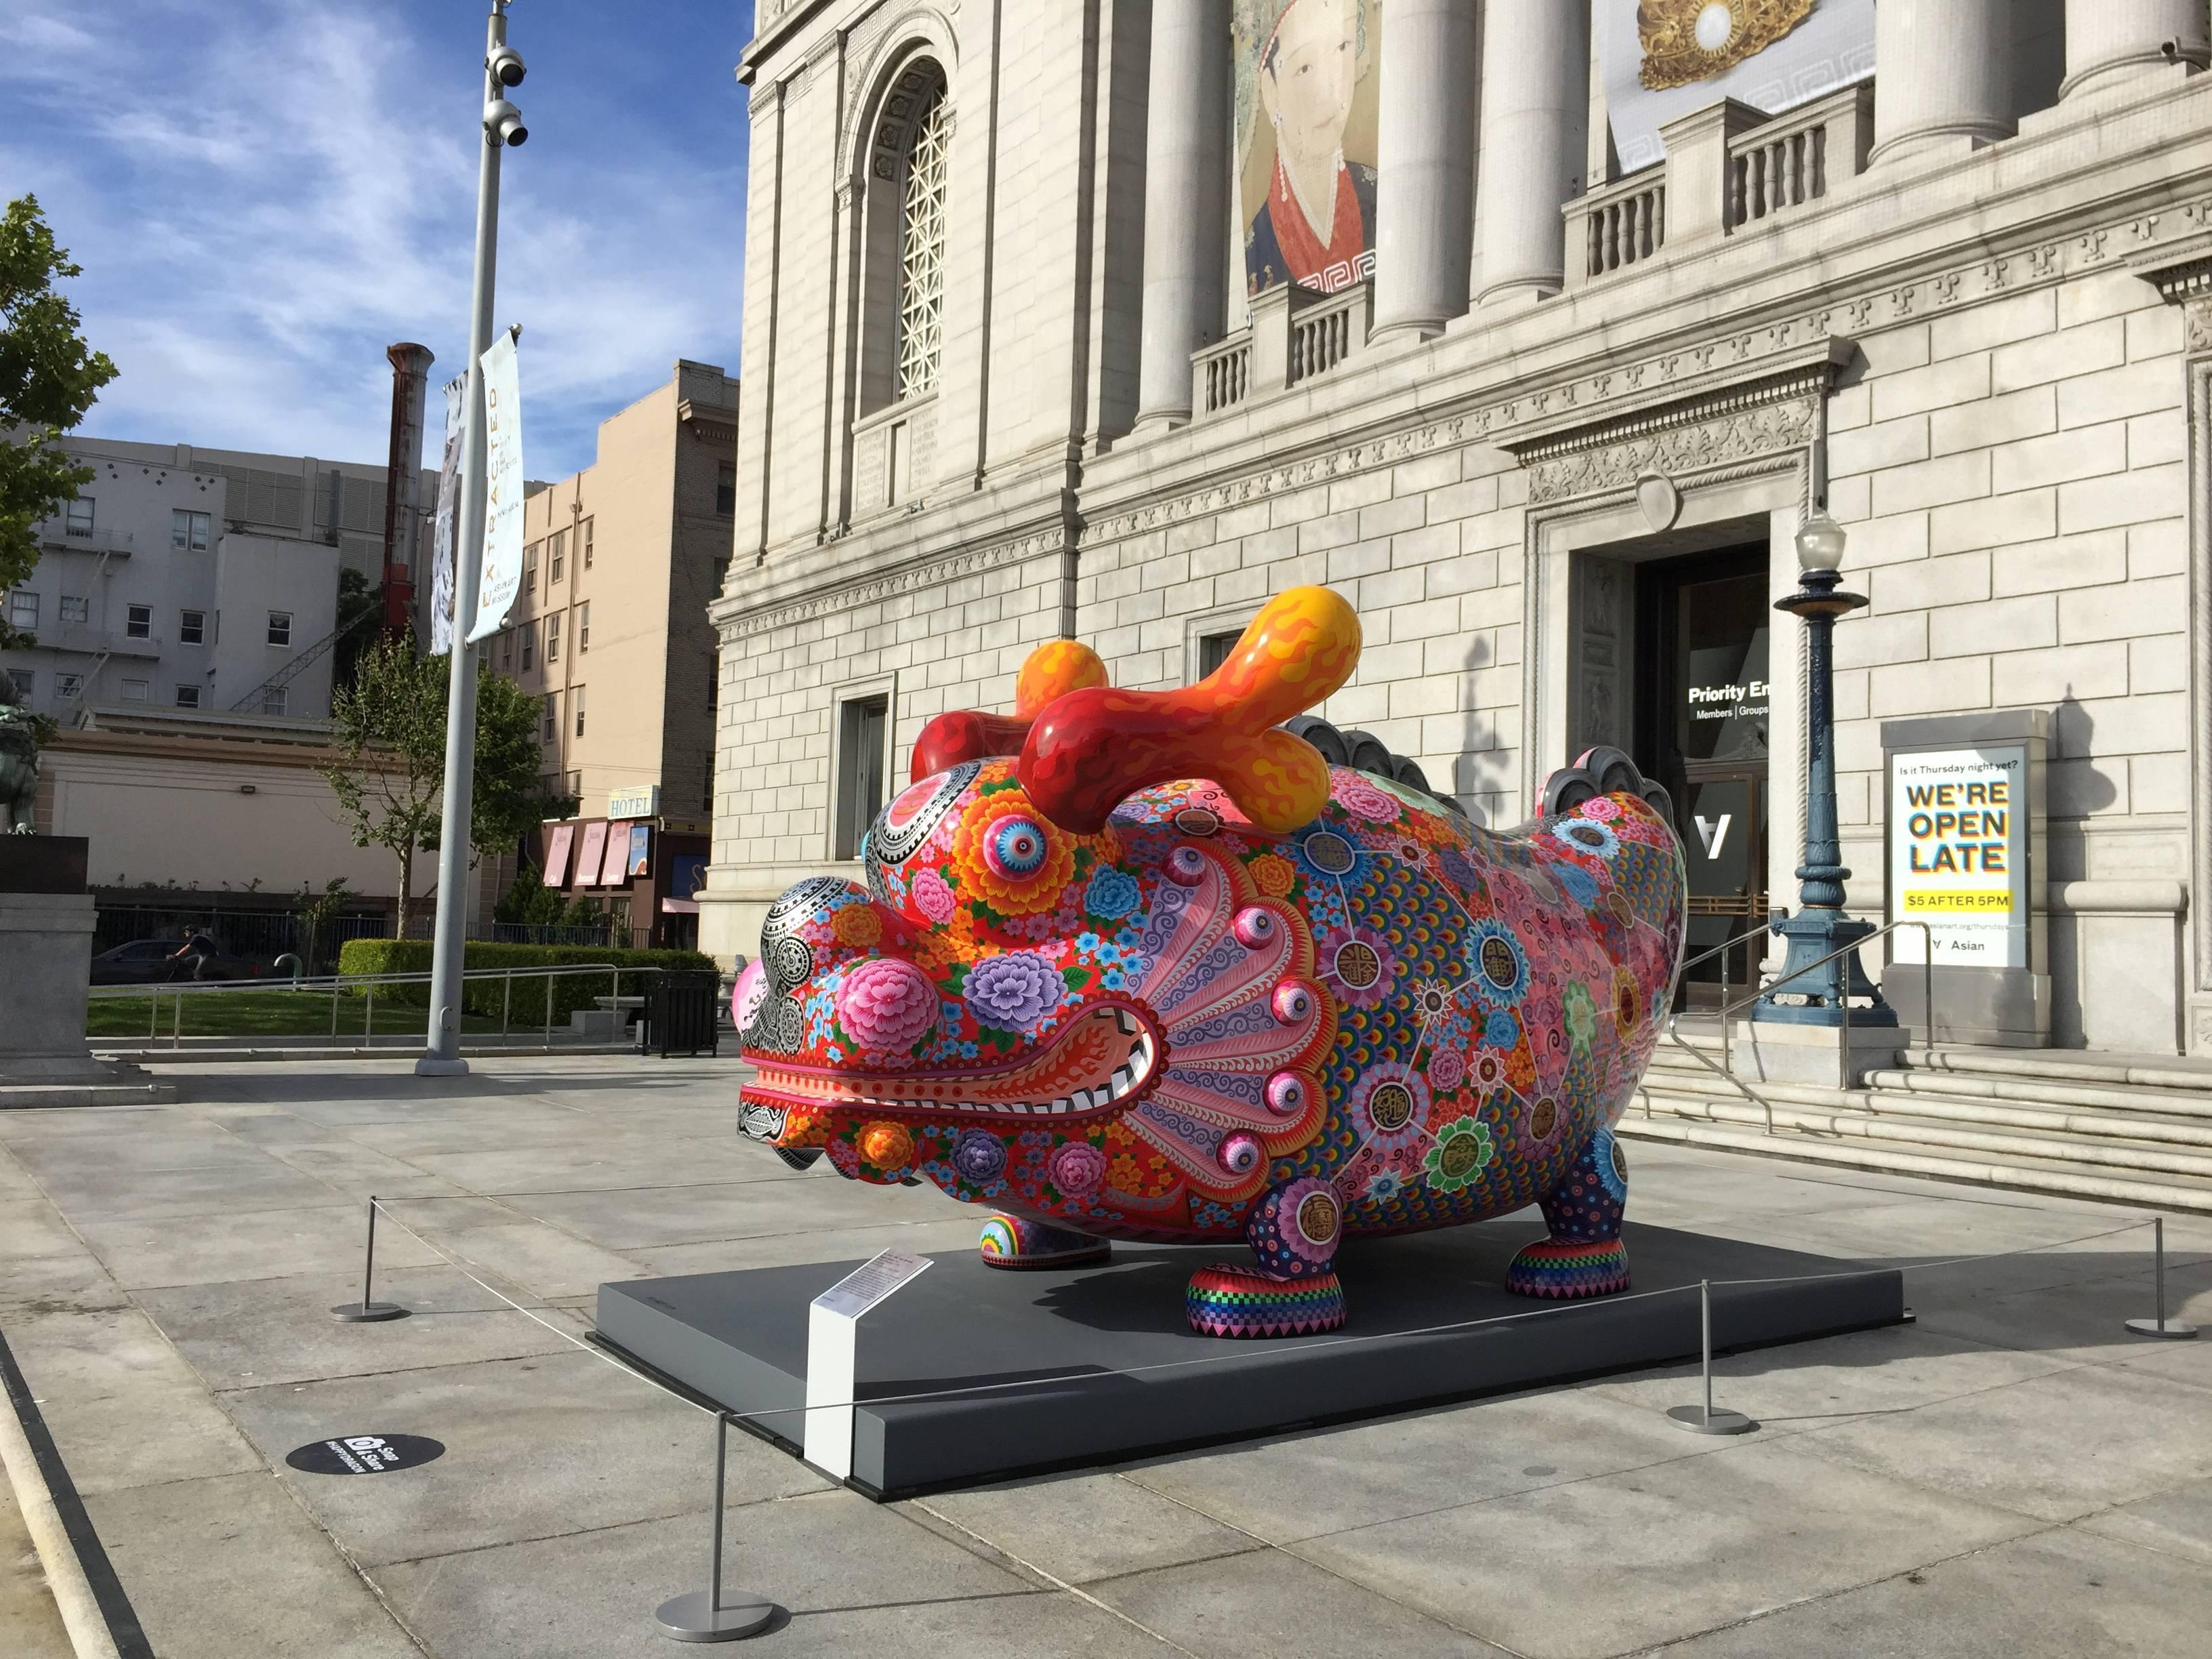 舊金山亞洲美術館典藏洪易「大福龍」 |大福龍2013|鋼板彩繪|400x170x220 cm